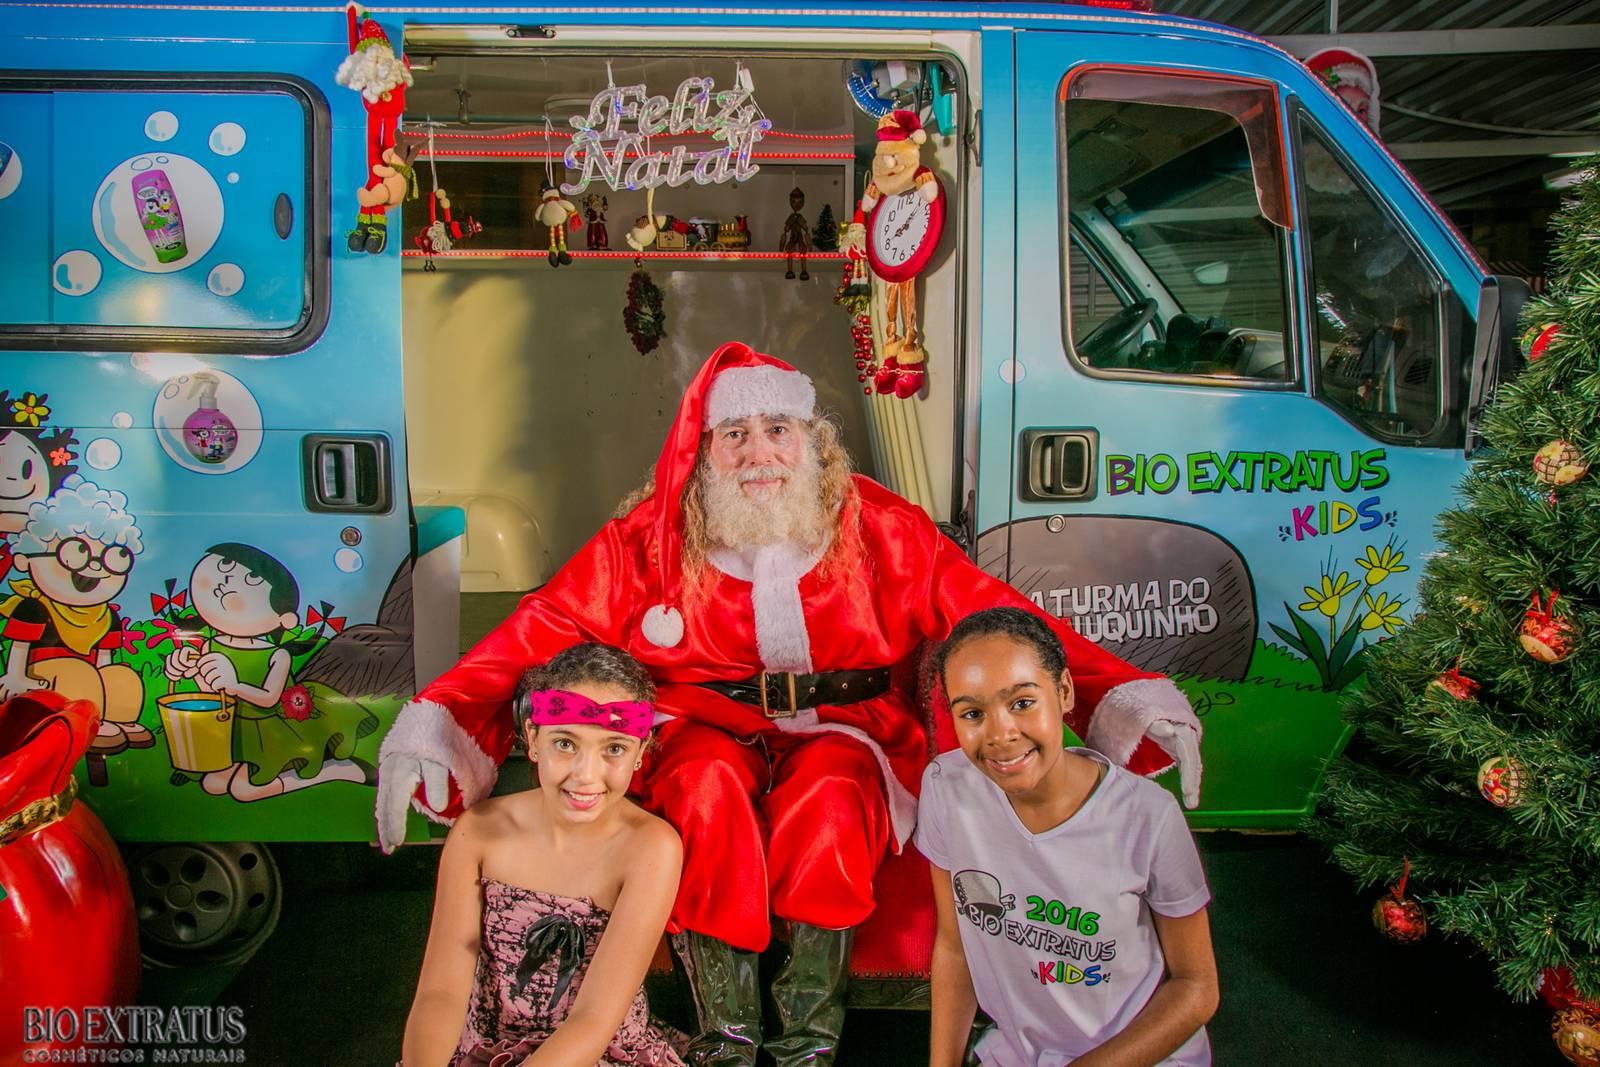 Confraternização de Natal Bio Extratus 2015 para as crianças (4)